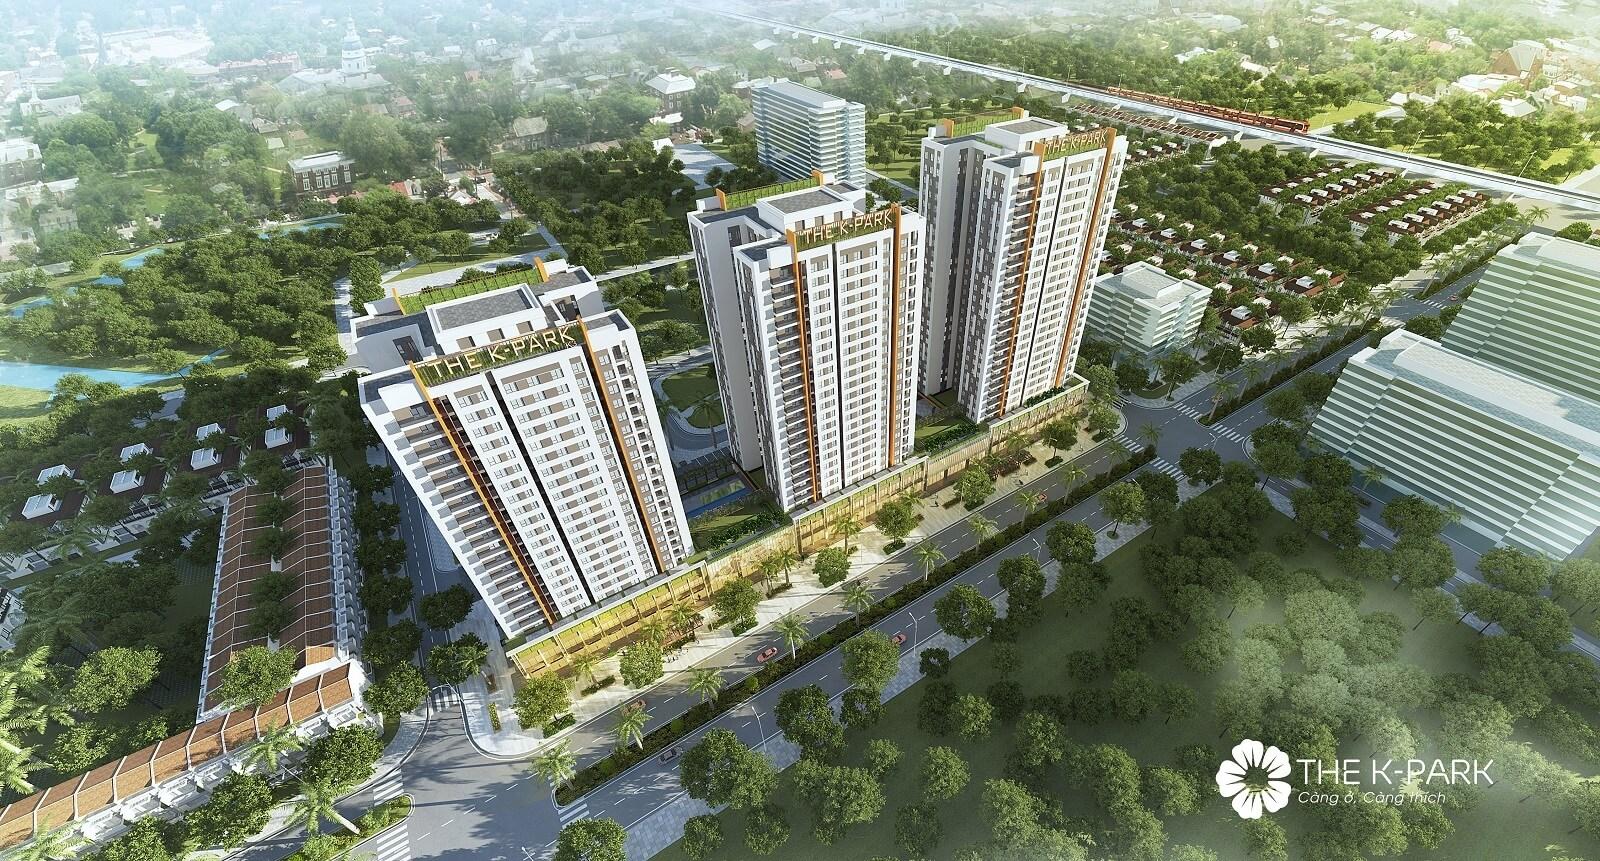 The K Park - Một dự án mà Cen Group phát triển!